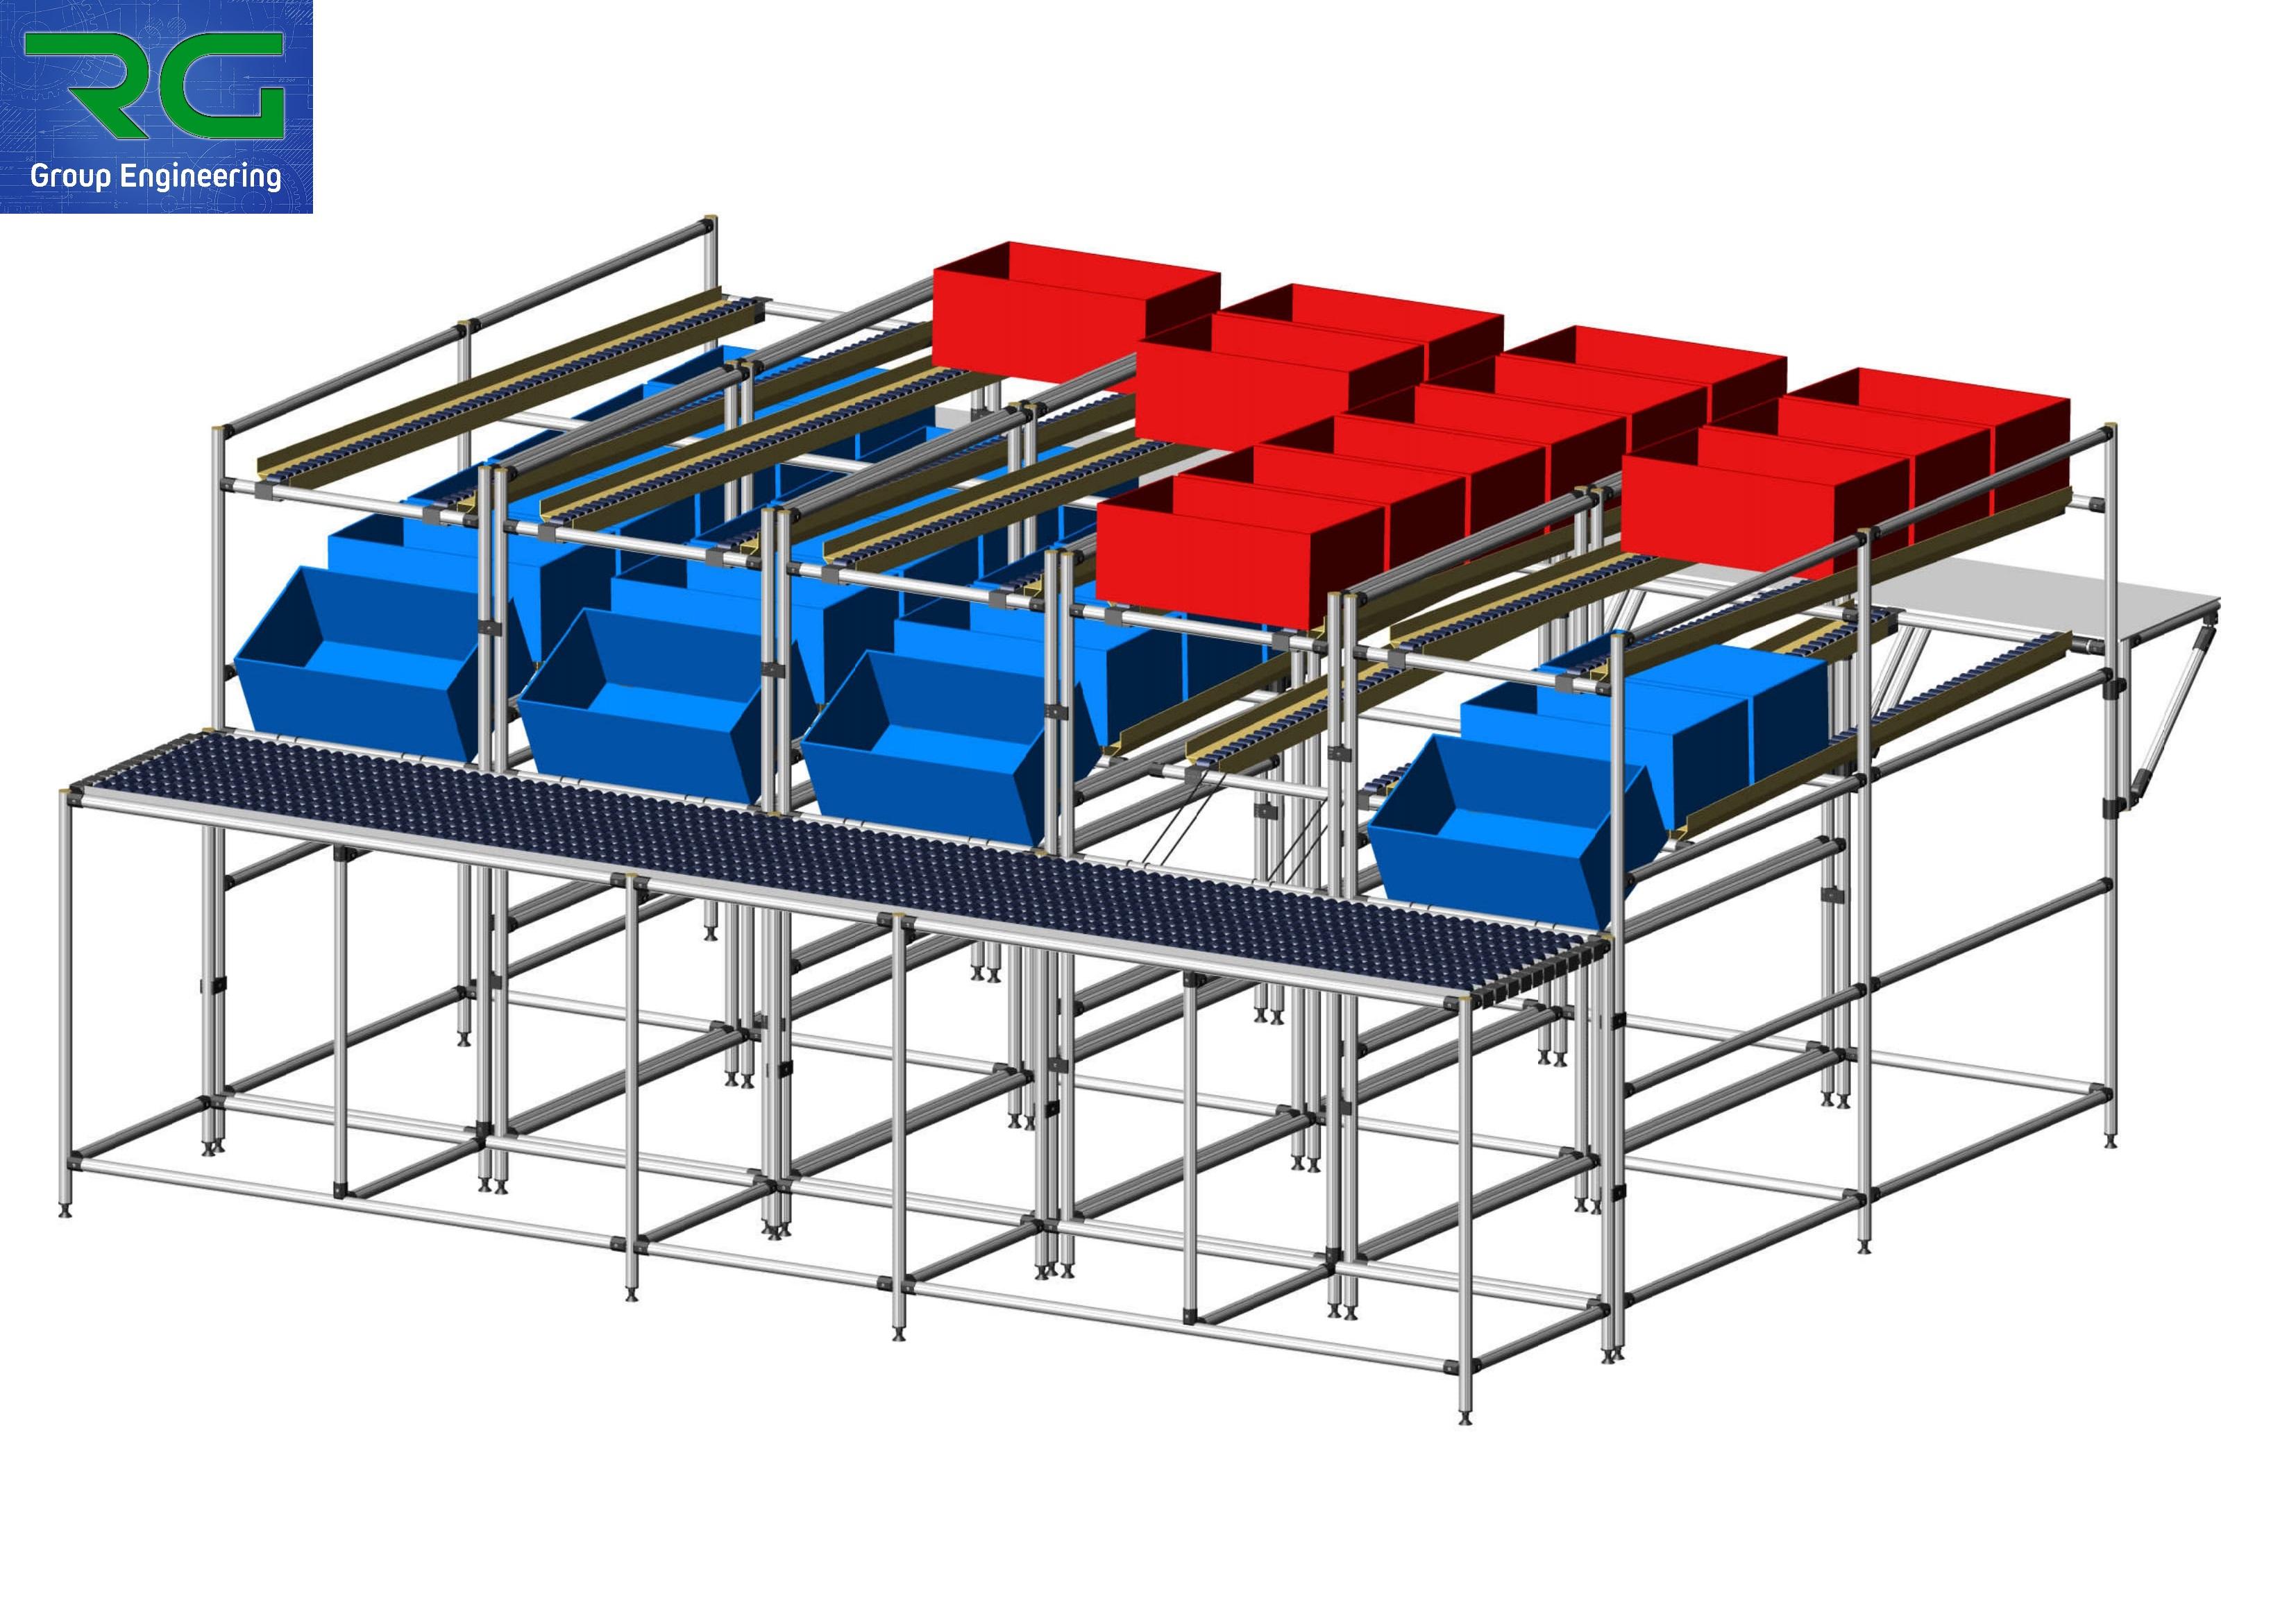 ISOLA DI LAVORO (SETTORE FARMACEUTICO) Struttura lean statica in alluminio con banco operatore a rulli e piani basculanti per confezionamento scatole.